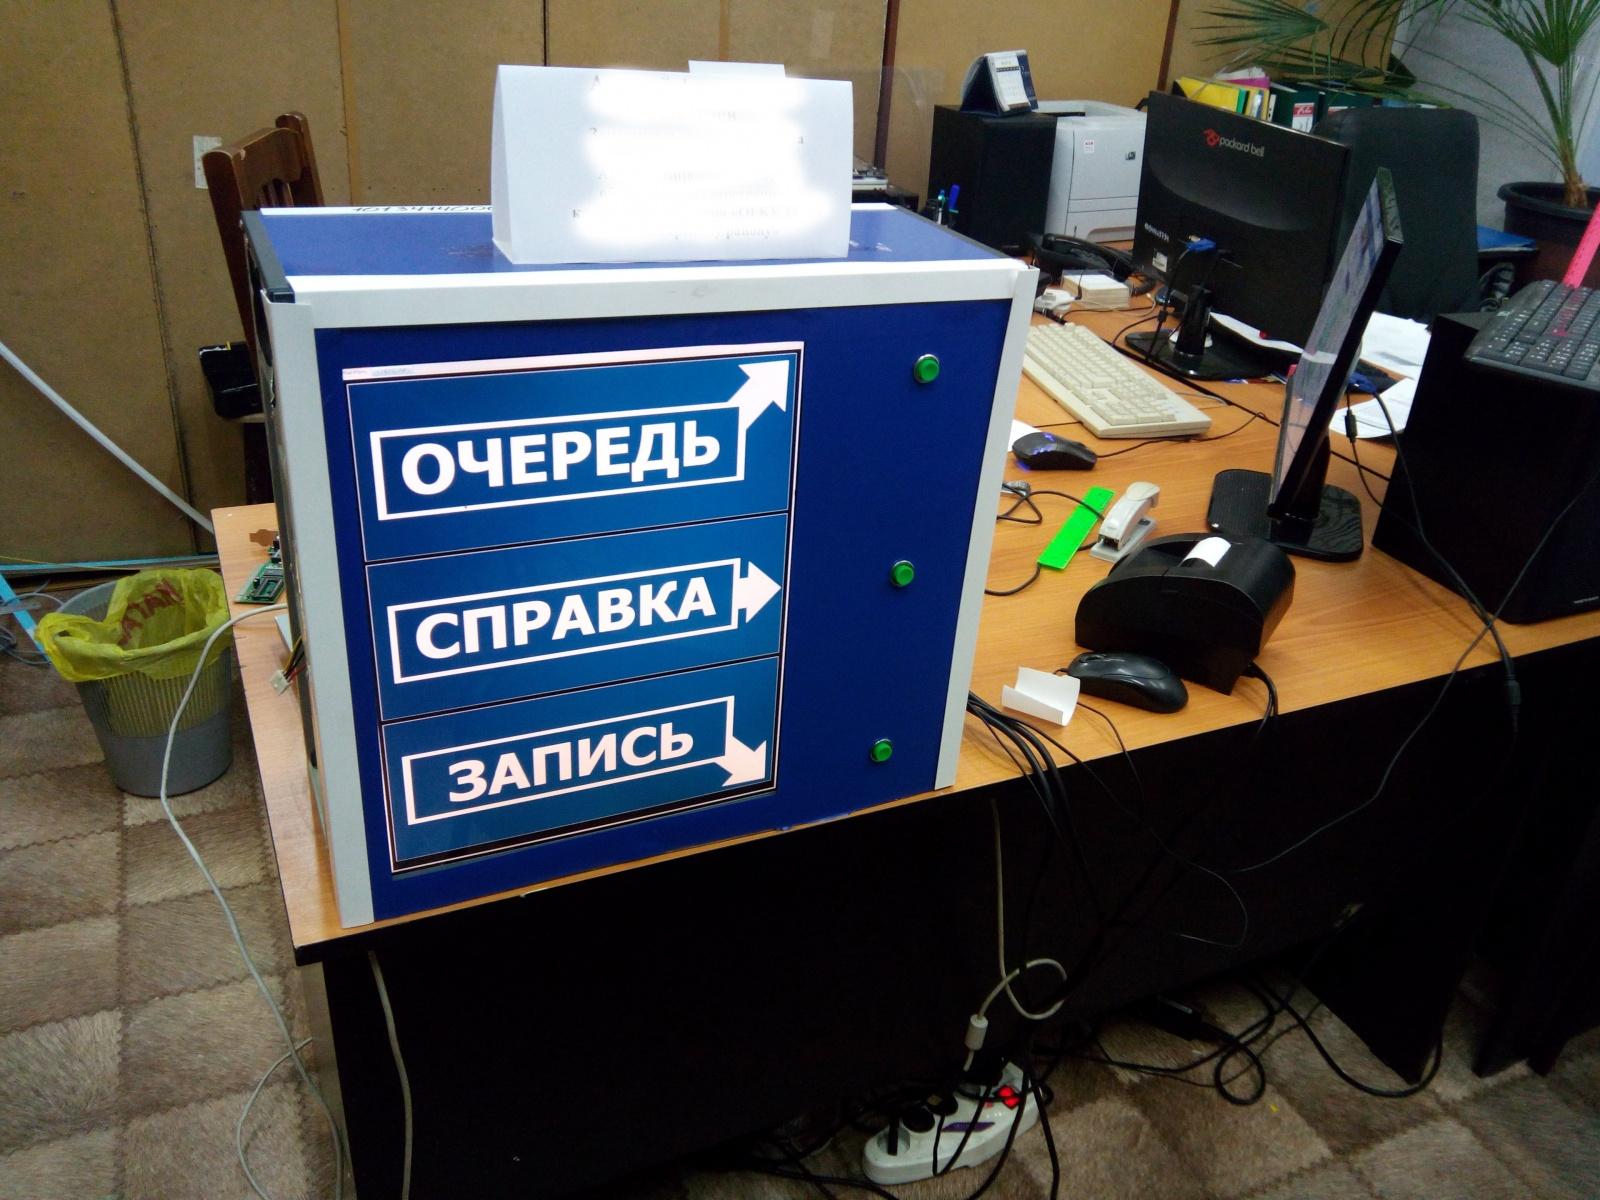 Как я сделал электронную очередь за 0 рублей на чистом энтузиазме, чего это стоило и что из этого вышло - 2